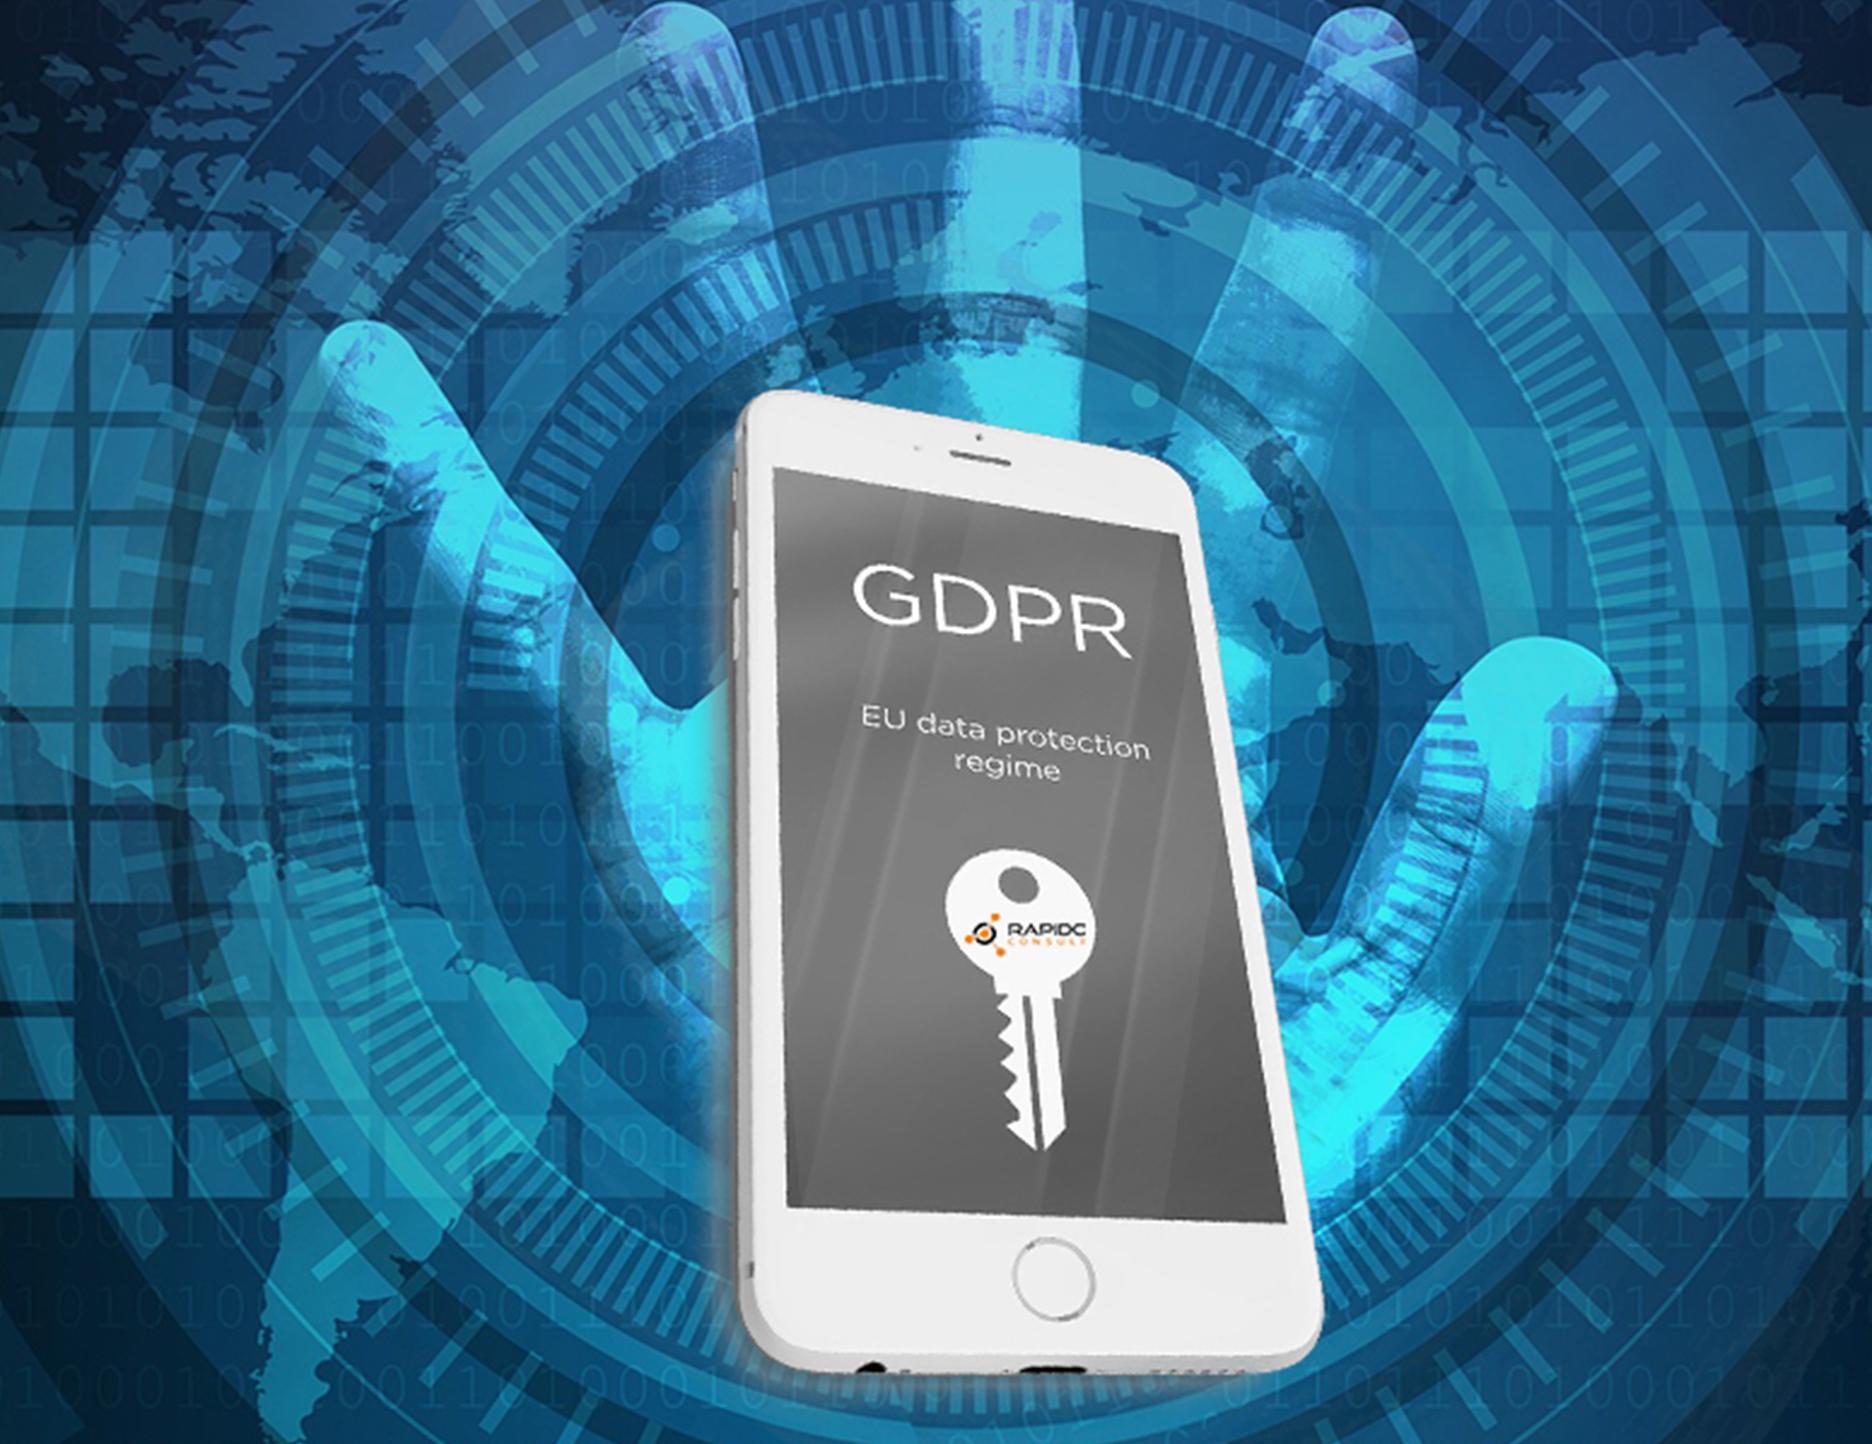 Kort om Databeskyttelsesforordningen